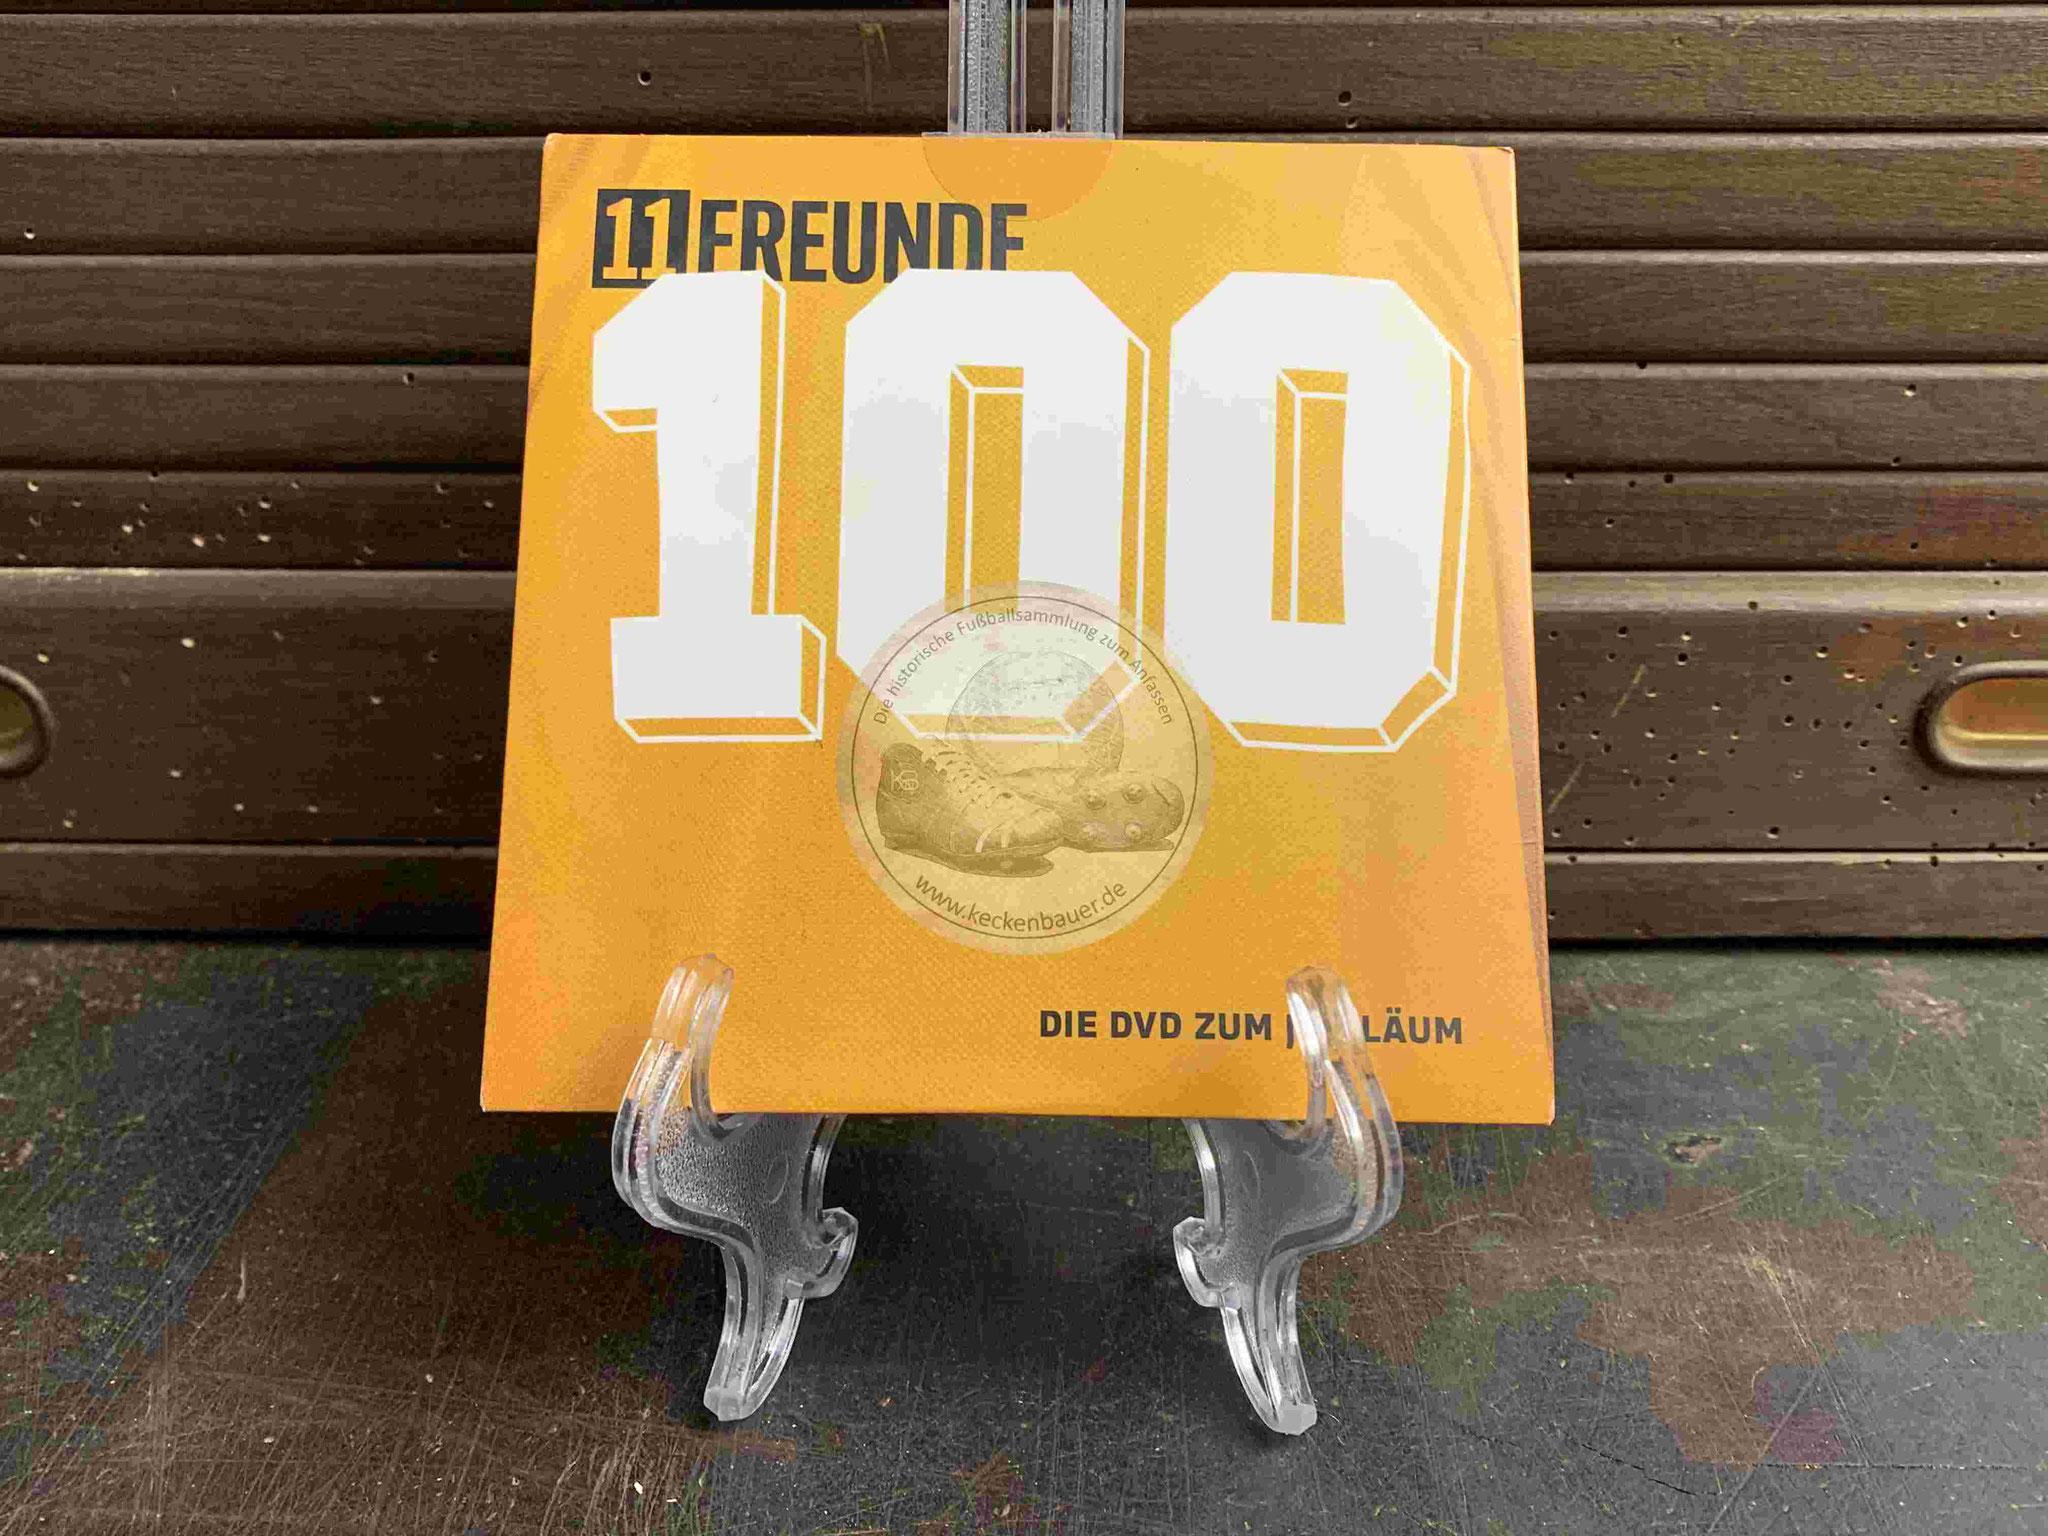 2010 100 Die DVD zum Jubiläum 100. Ausgabe 11Freunde